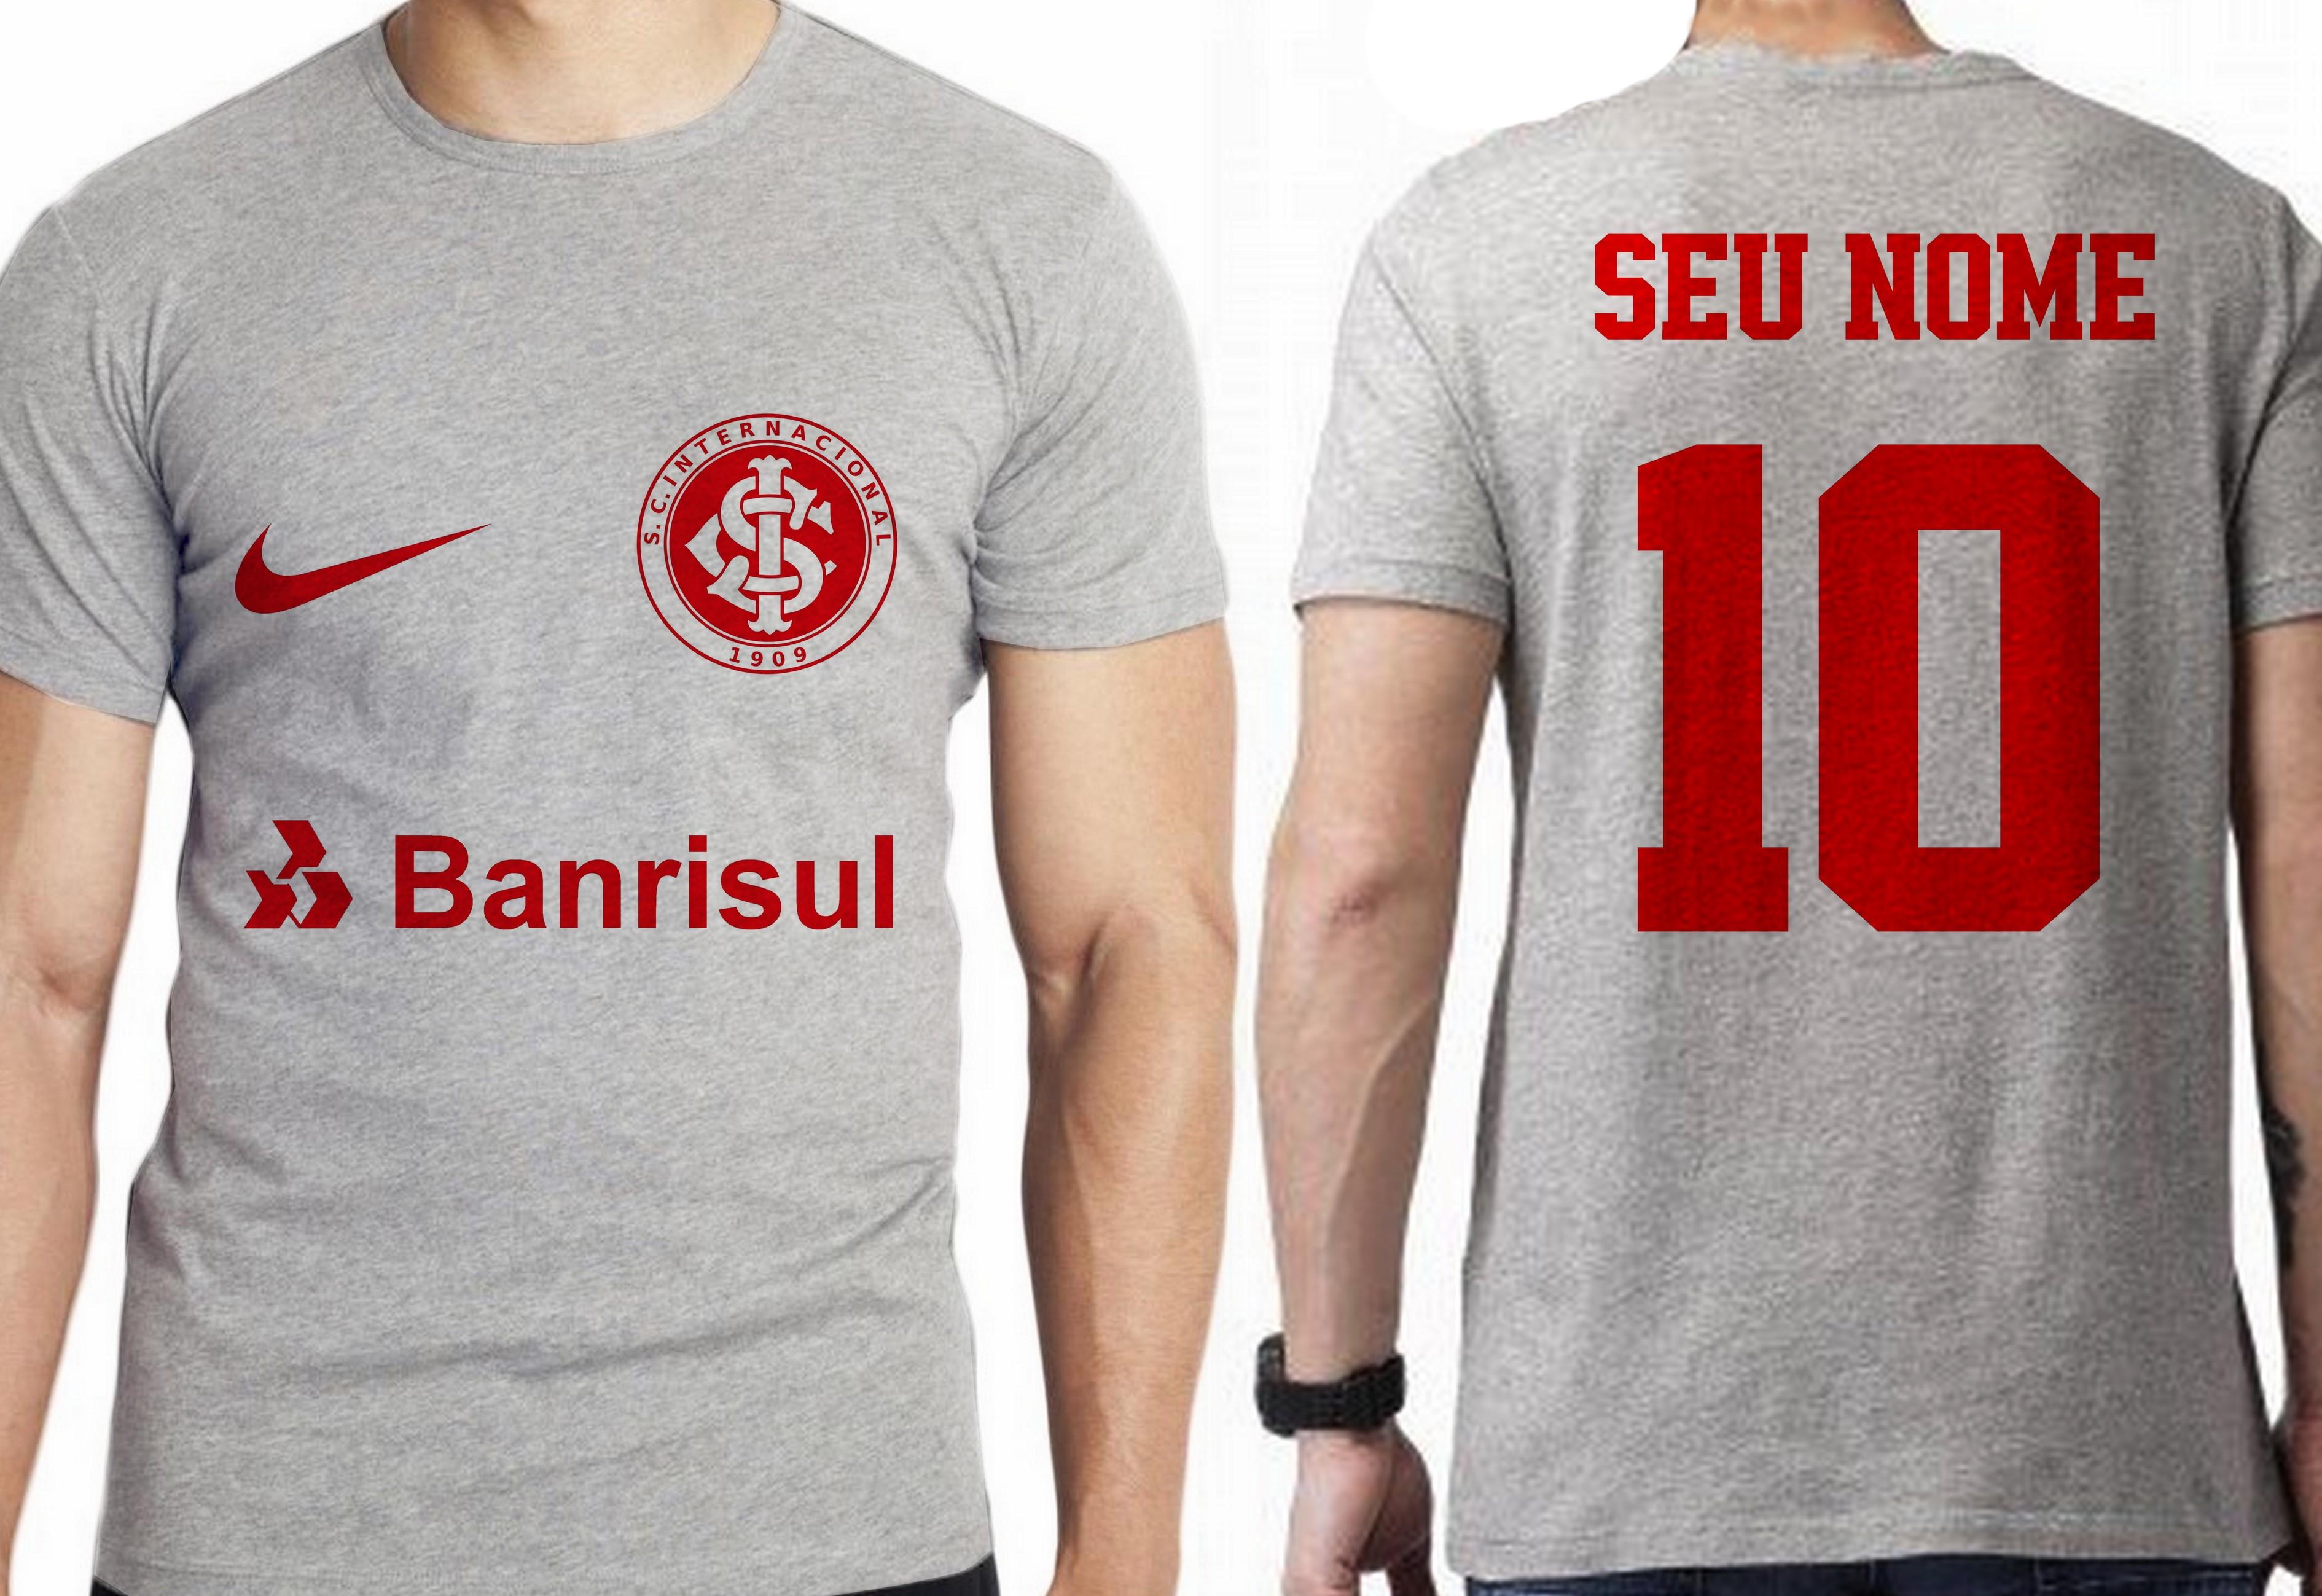 cb1da78de0 Camiseta Blusa Camisa personalizada nome inter internacional no Elo7 ...